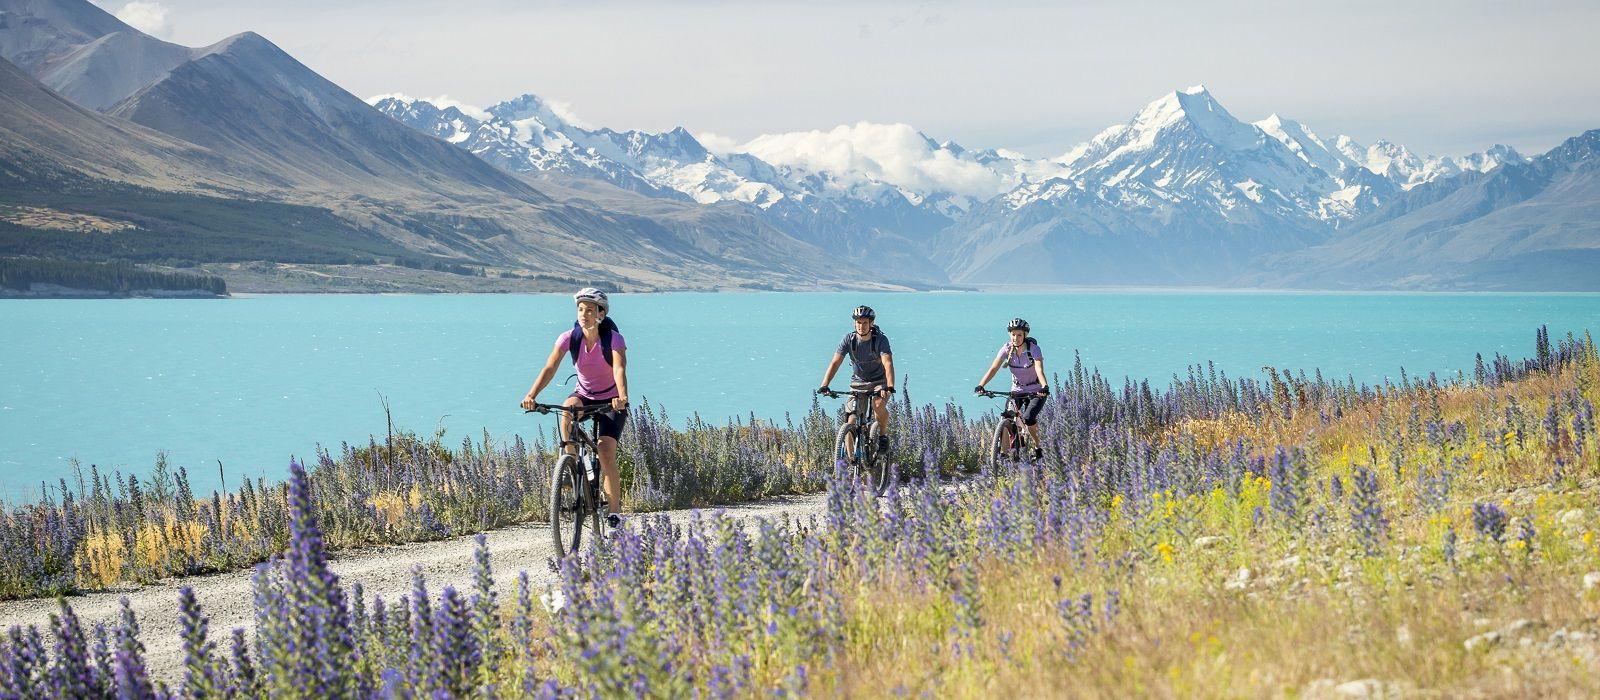 Enchanting Travels New Zealand Tours -Lake-Pukaki-Canterbury-Miles-Holden